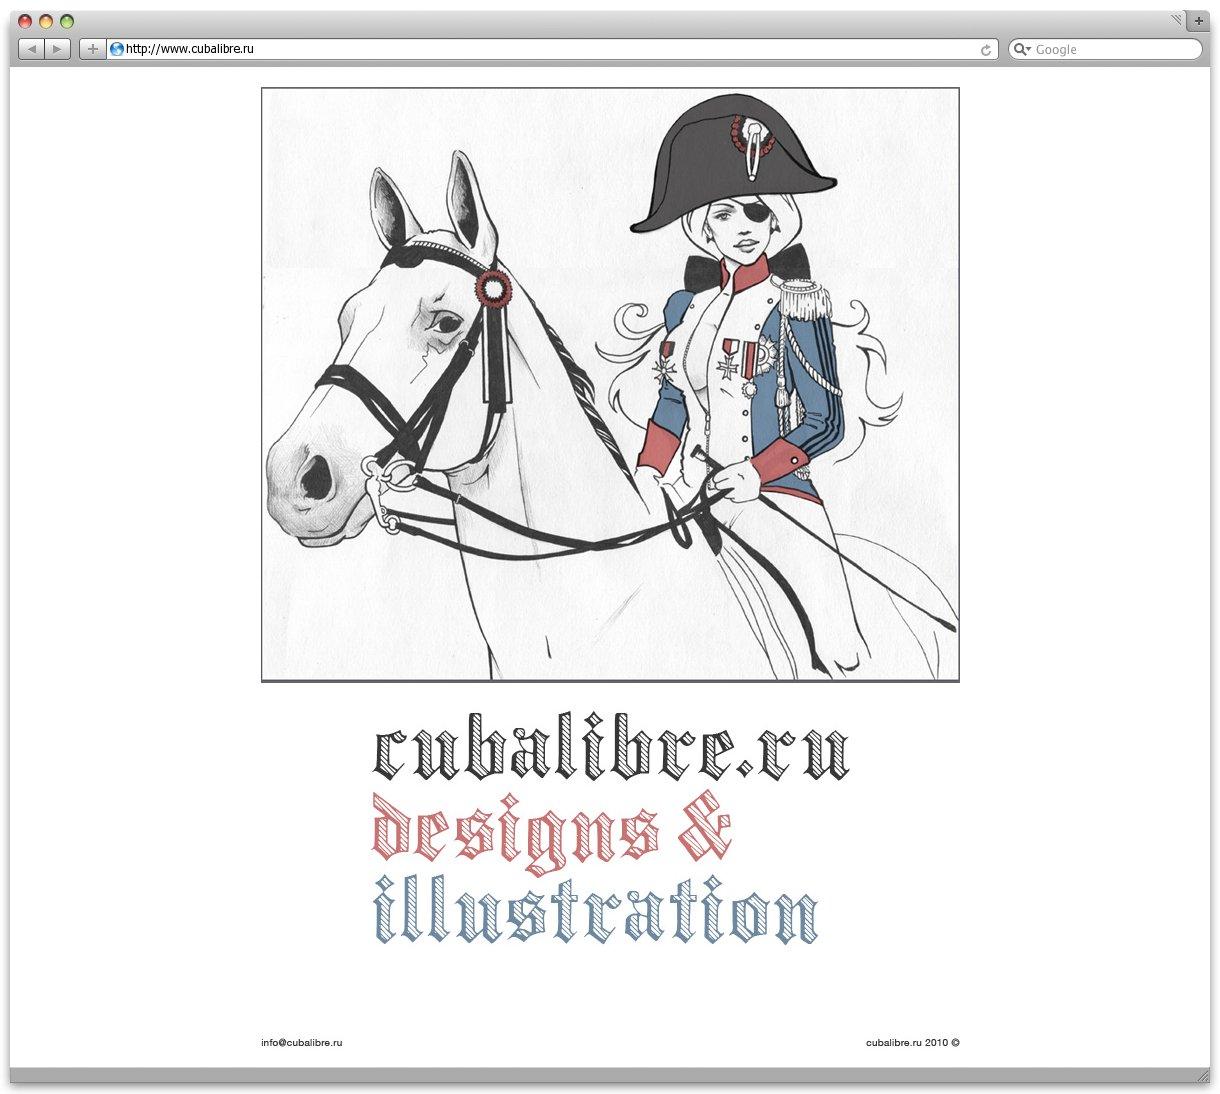 заглушка на сайт сubalibre.ru